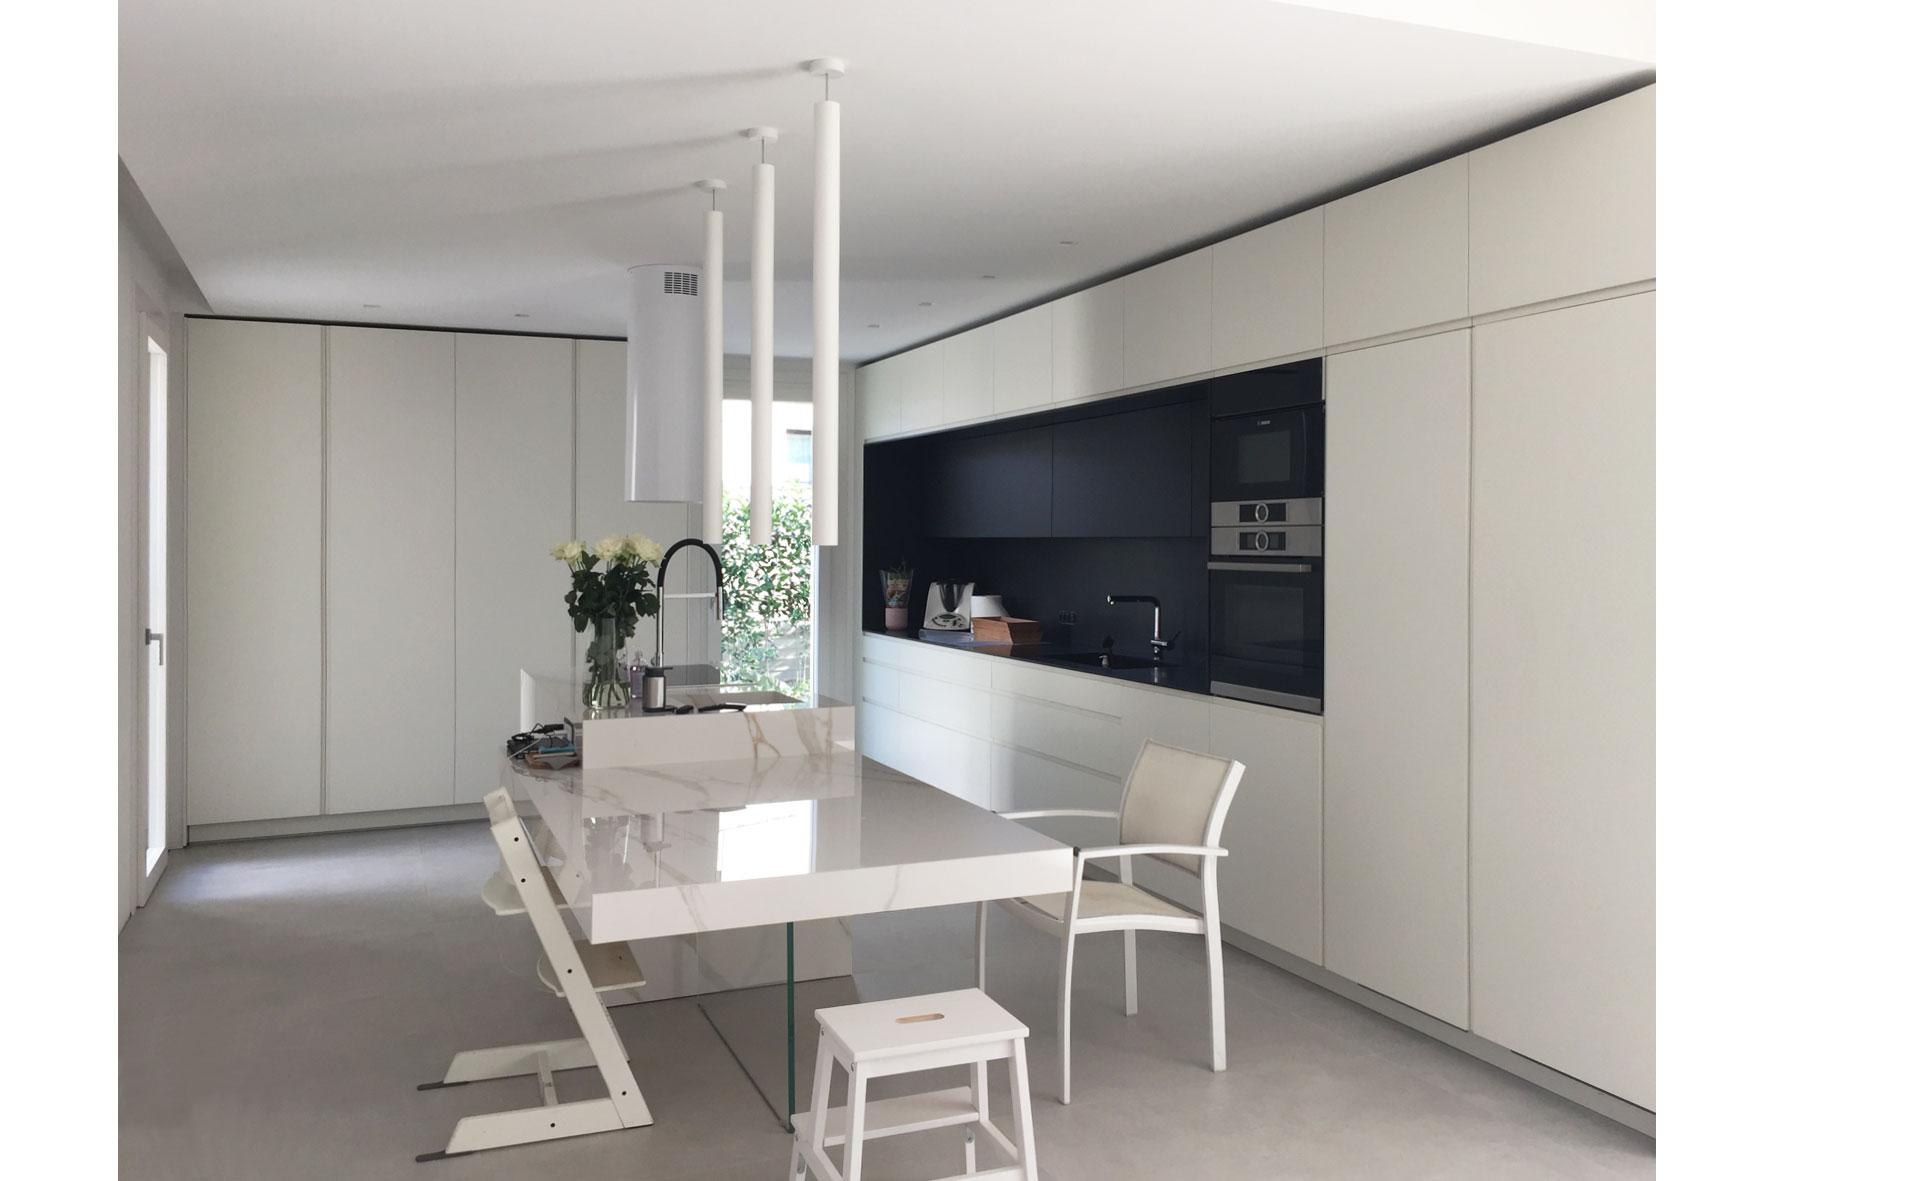 cucina-interni-interior-arredamento